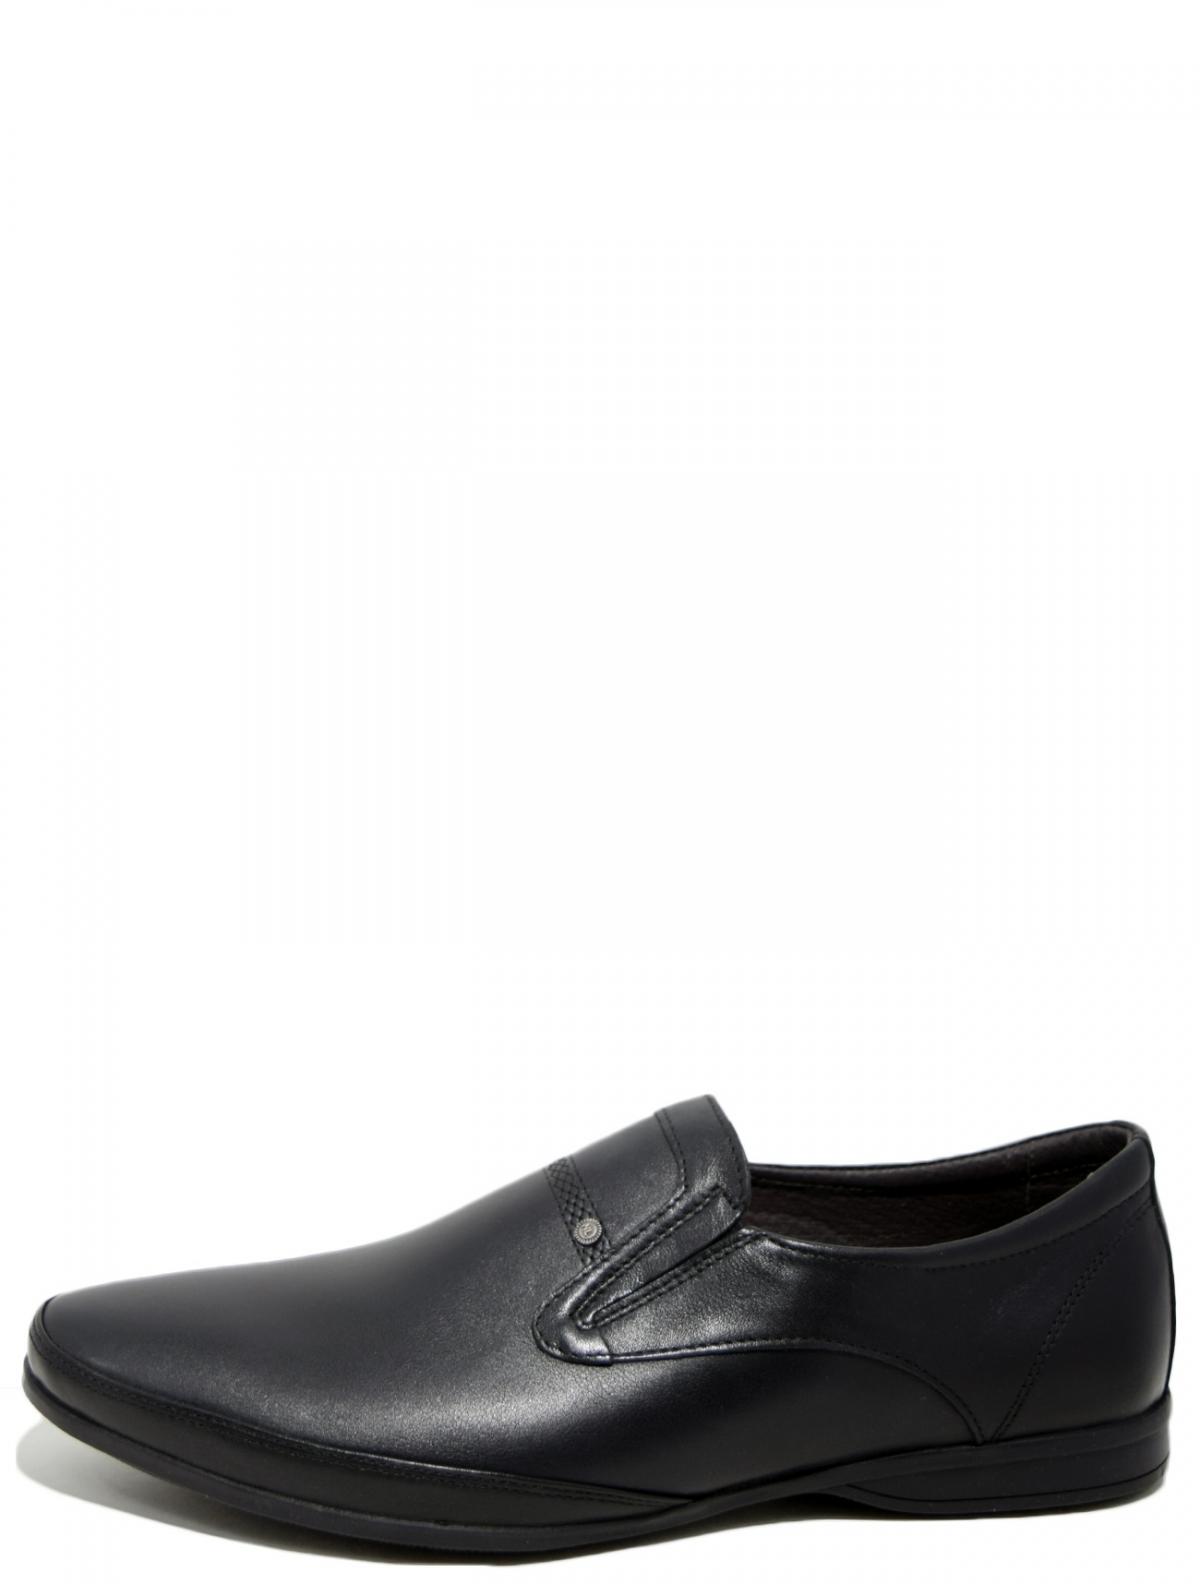 6374-1-2 мужские туфли